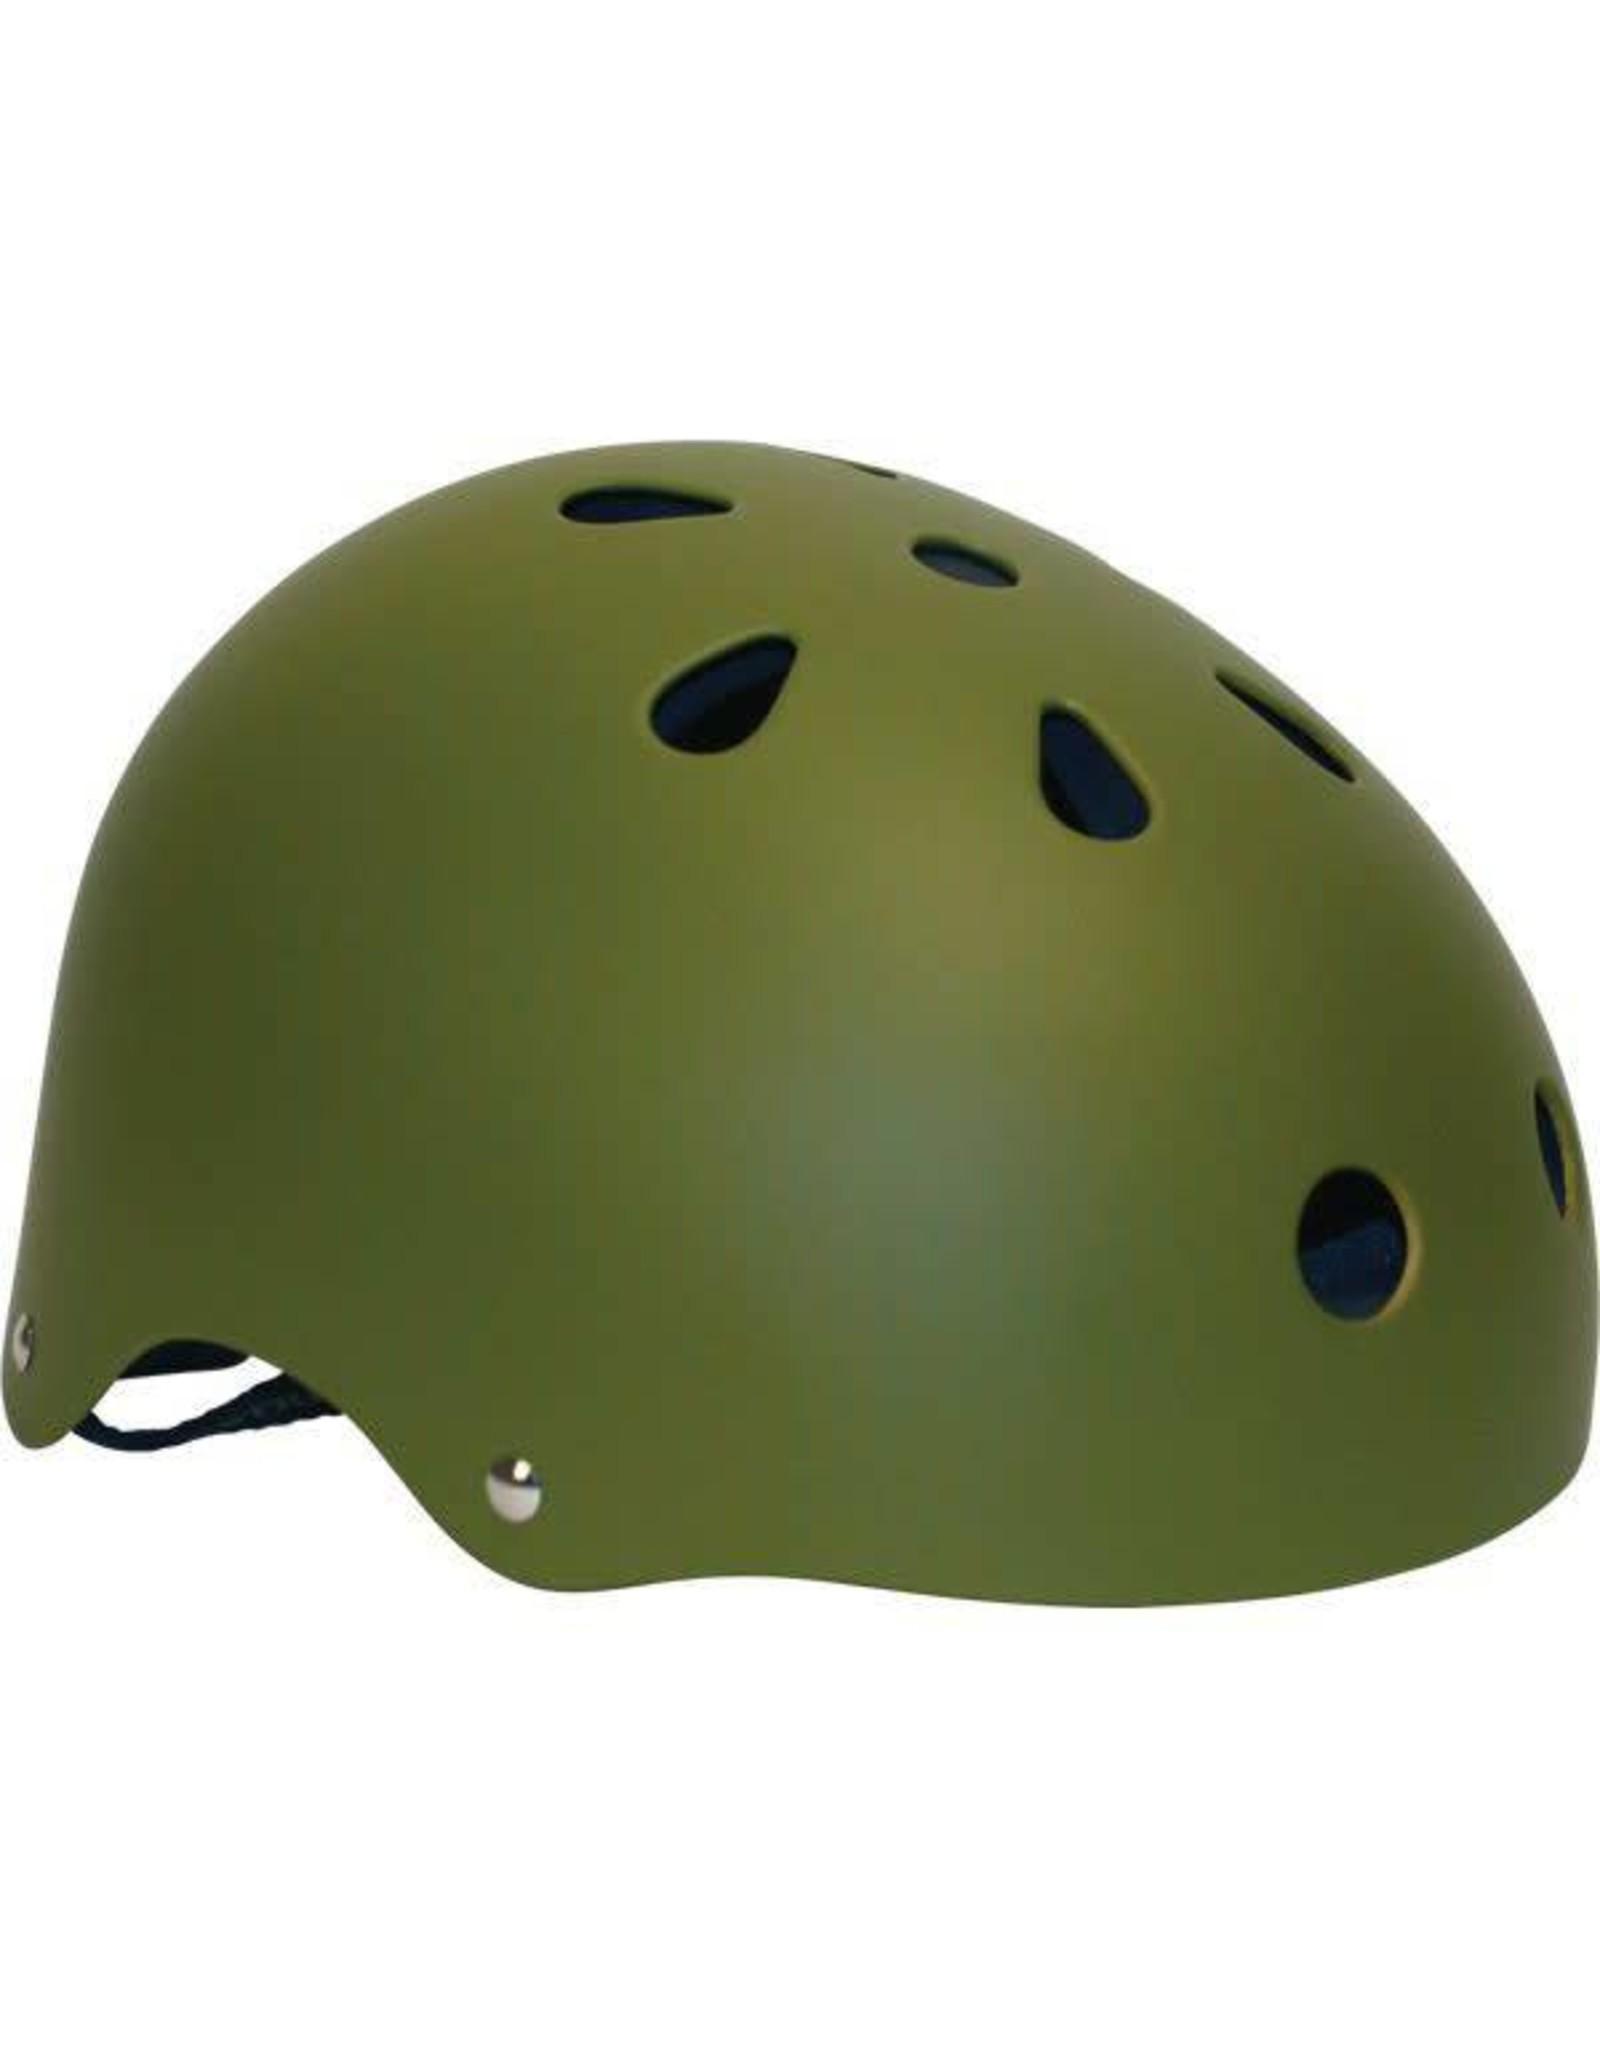 Industrial Industrial Certified Helmet Army Green